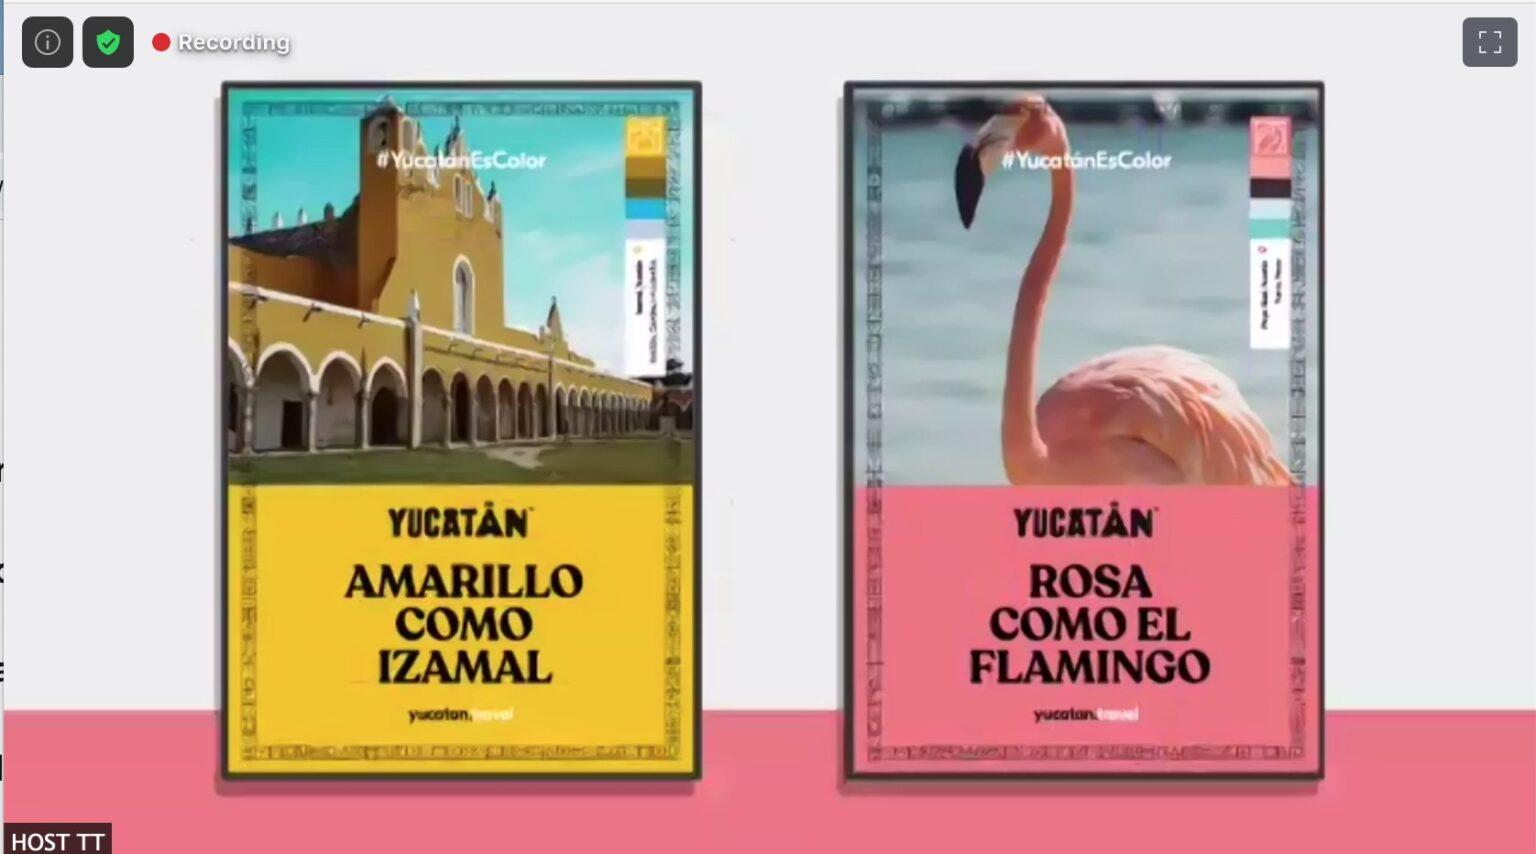 Yucatán presenta su nuevo sitio web y campaña, #Yucatanescolor